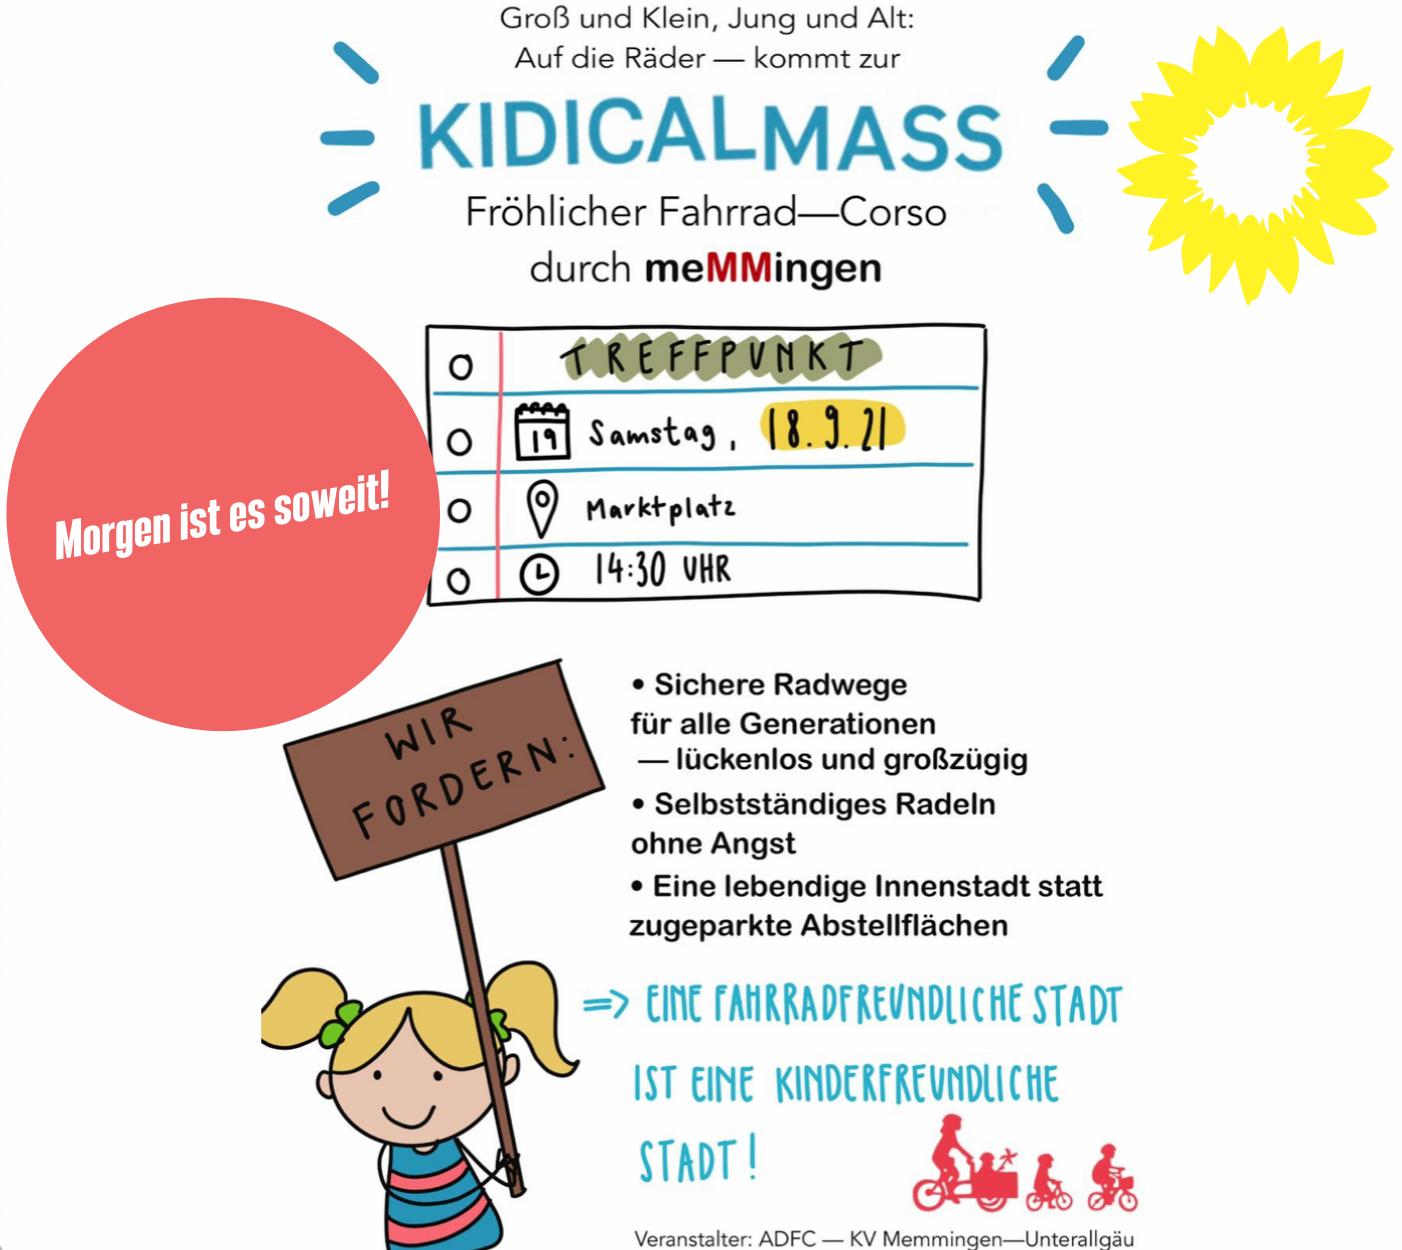 Kidical Mass 2021 – für Kinder- und fahrradfreundliche Orte! MORGEN IST ES SOWEIT!!!